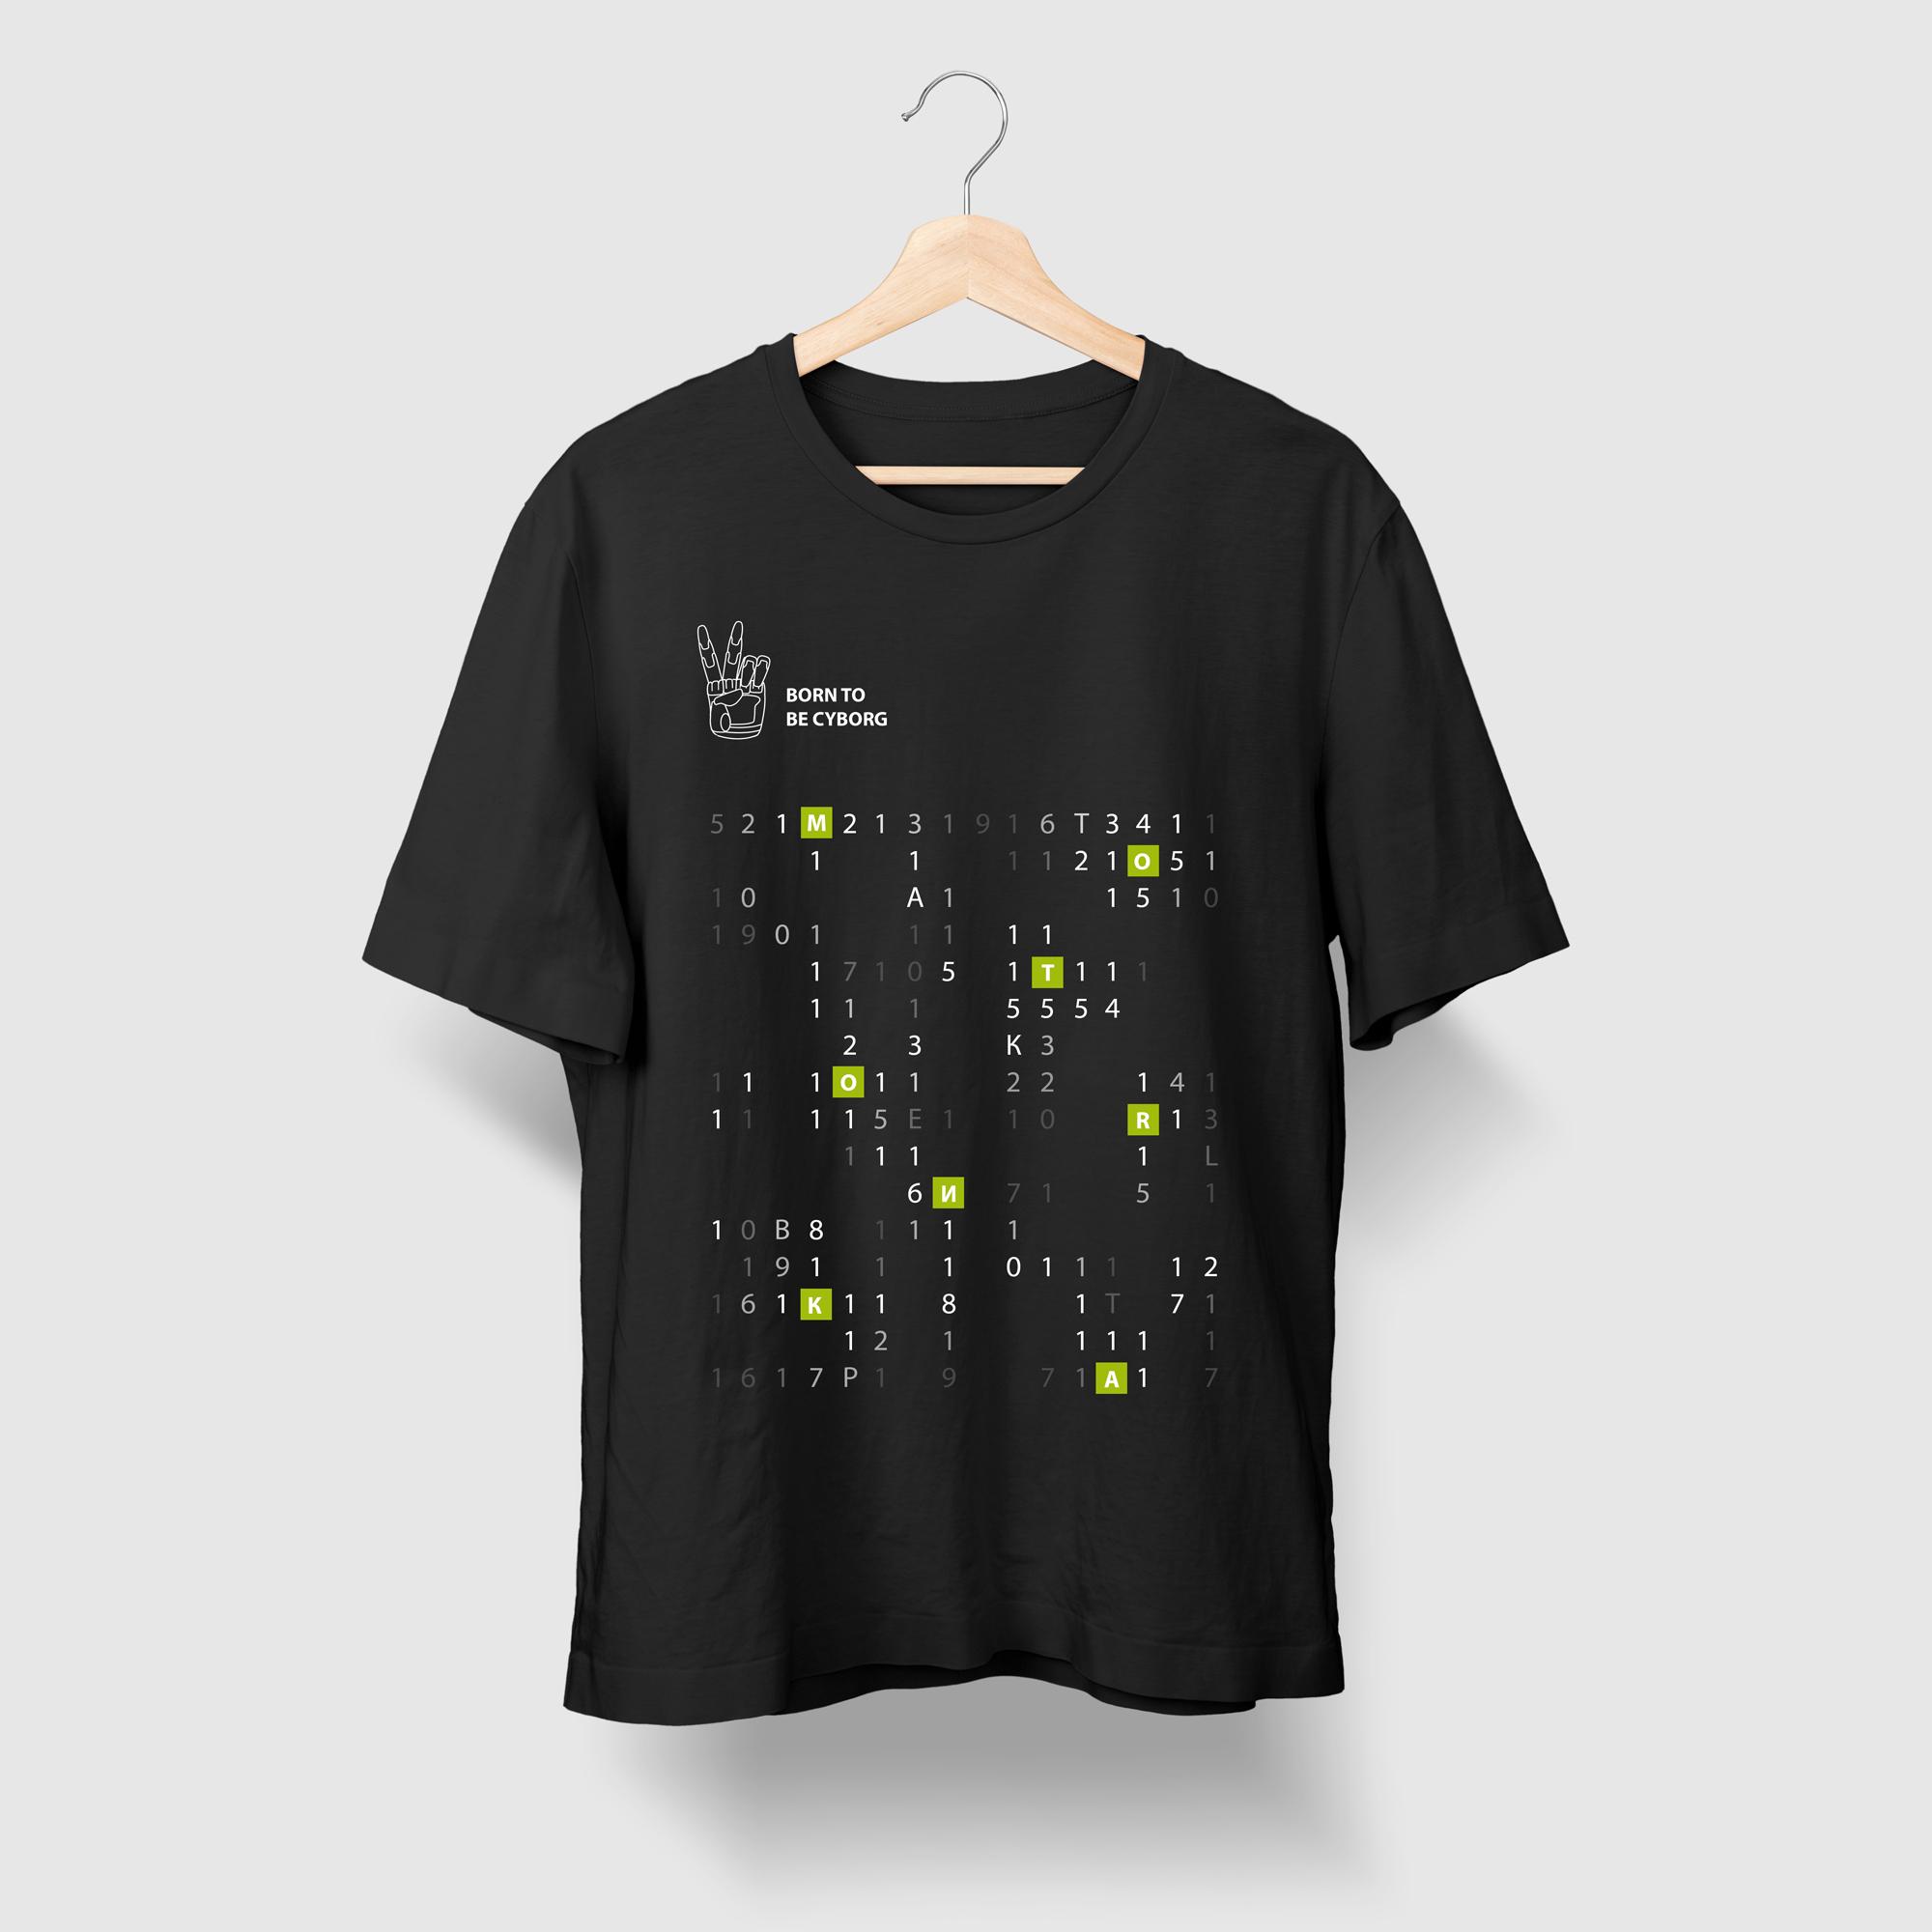 Нарисовать принты на футболки для компании Моторика фото f_65160a1842a7499b.jpg